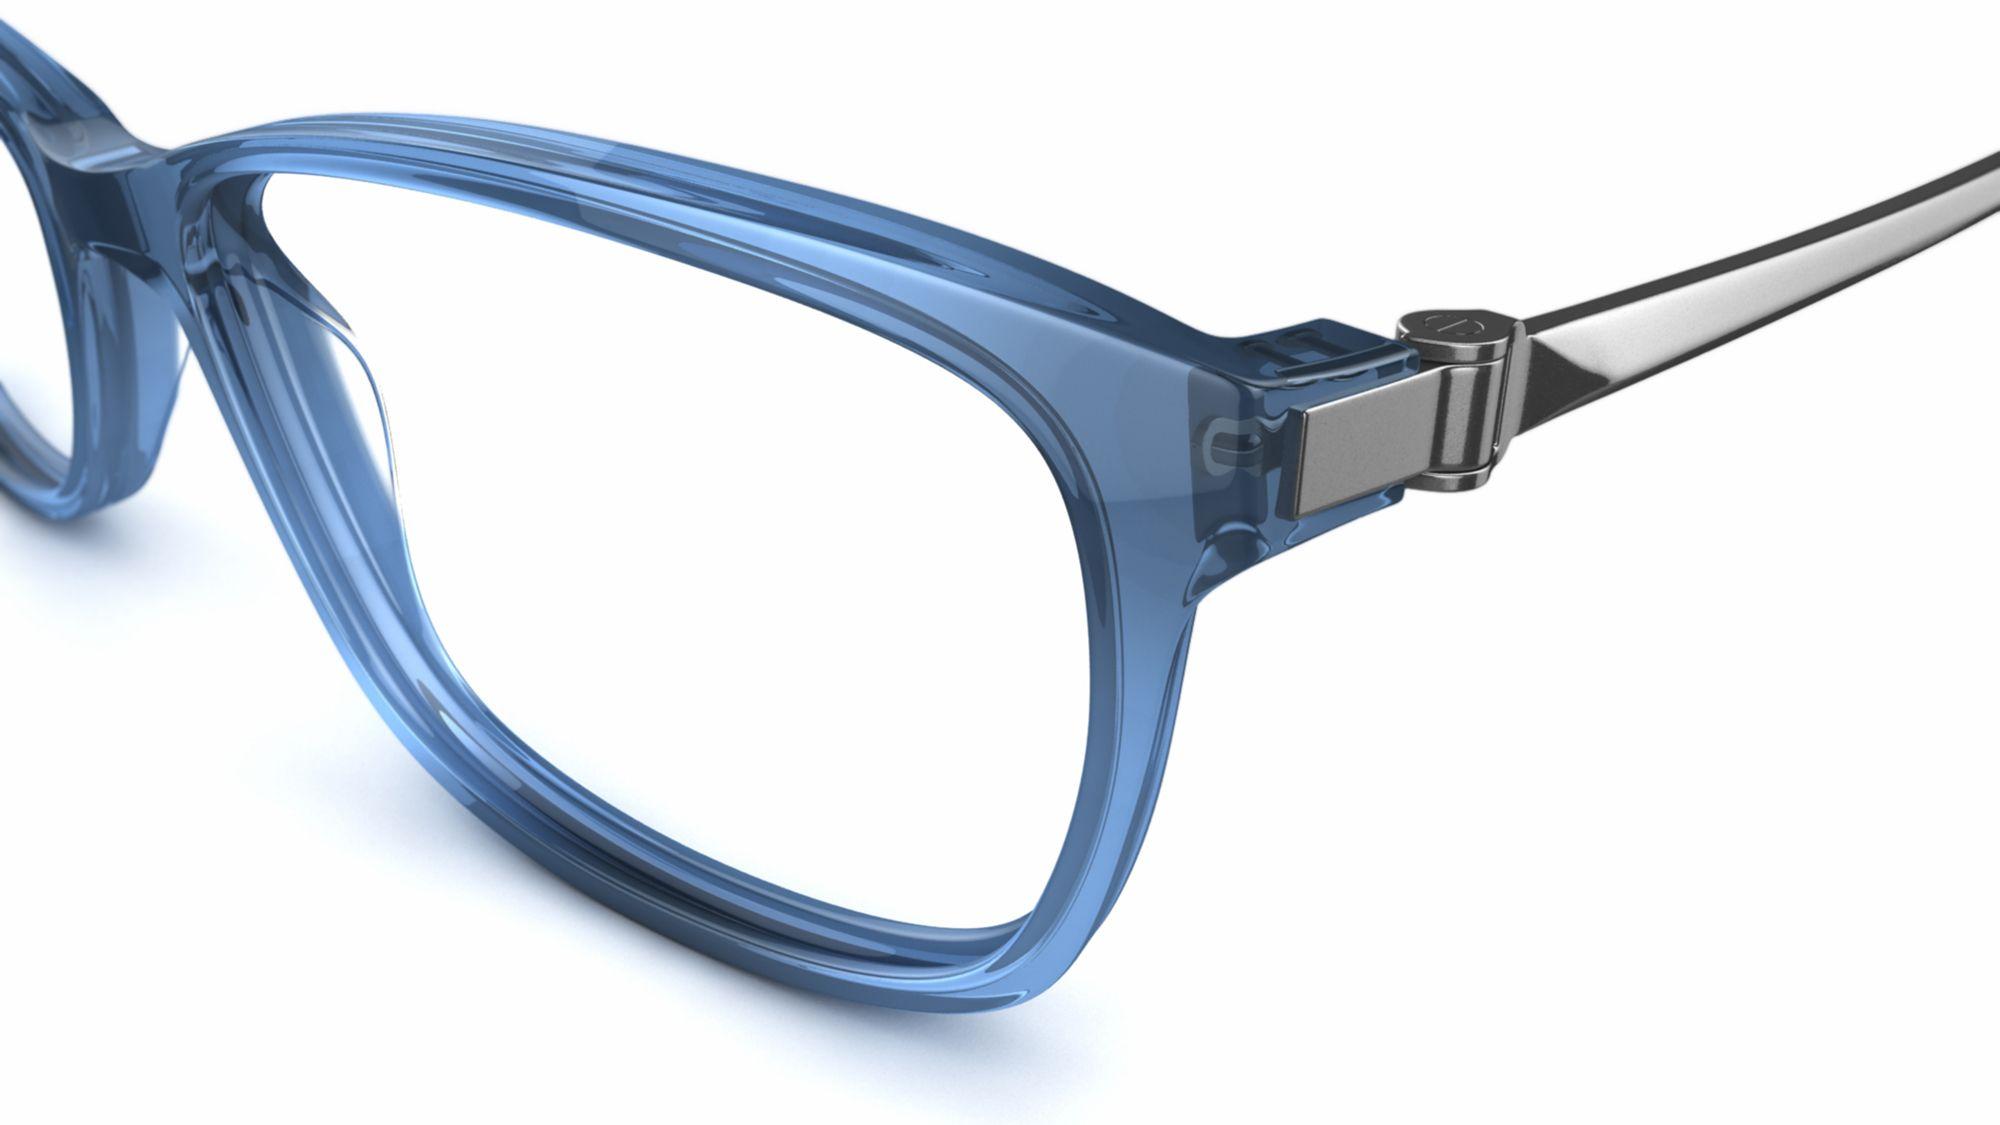 Specsavers brillen - SALUDA   Eyewear   Pinterest   Eyewear and Clothes